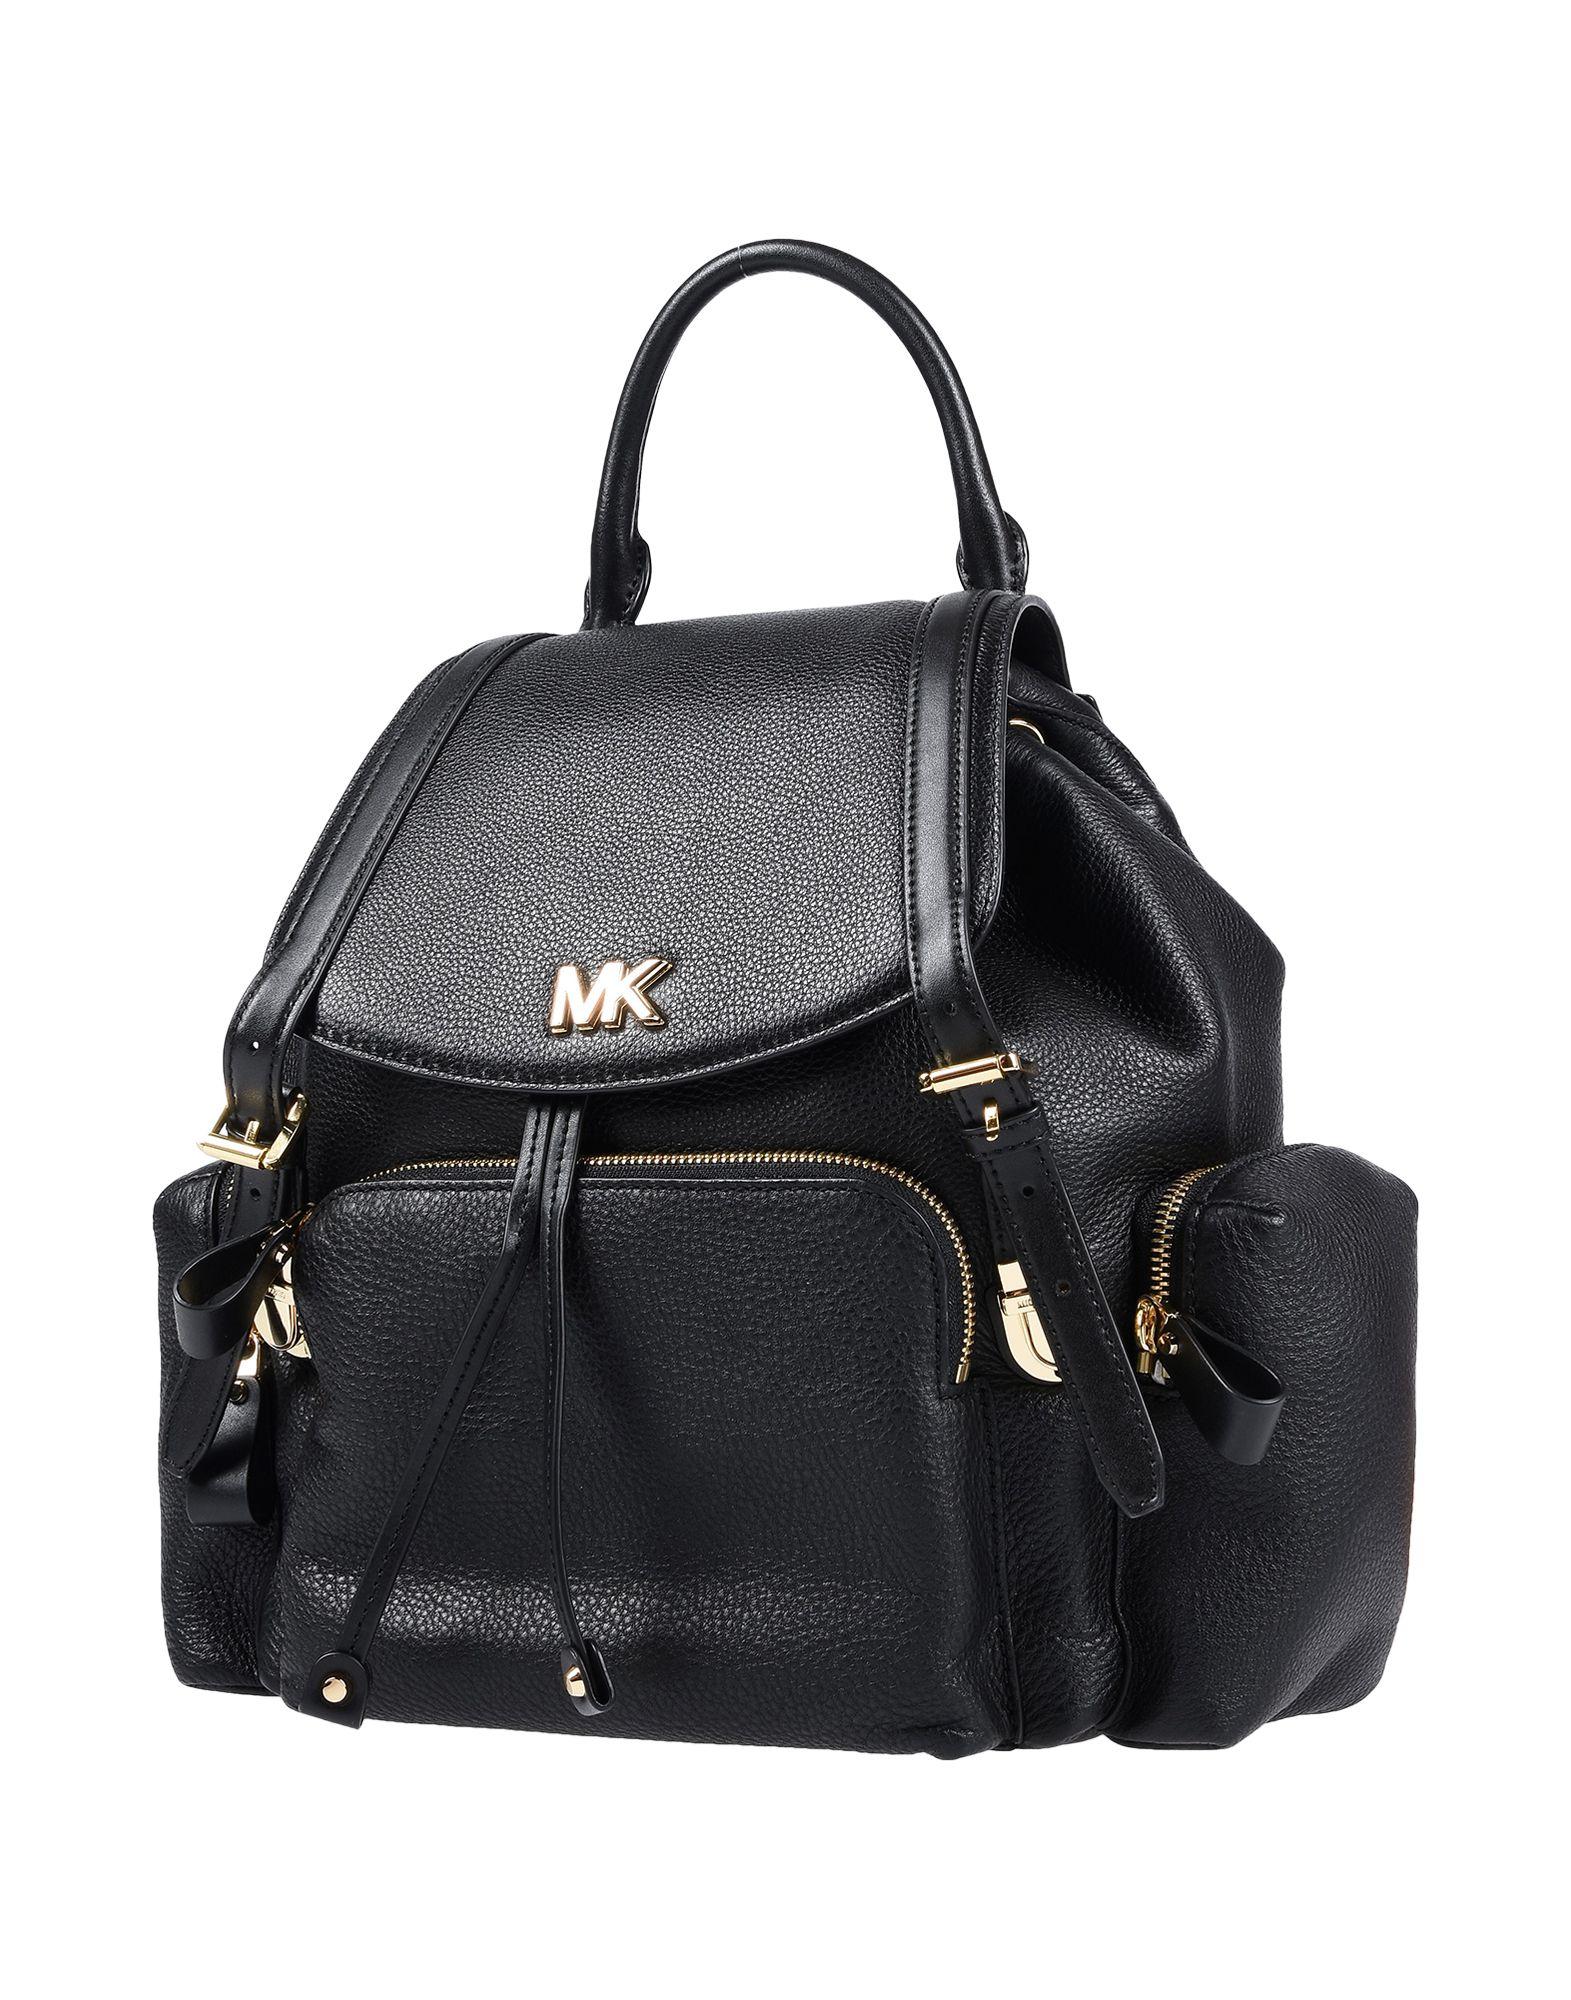 Фото - MICHAEL MICHAEL KORS Рюкзаки и сумки на пояс michael kors рюкзаки и сумки на пояс